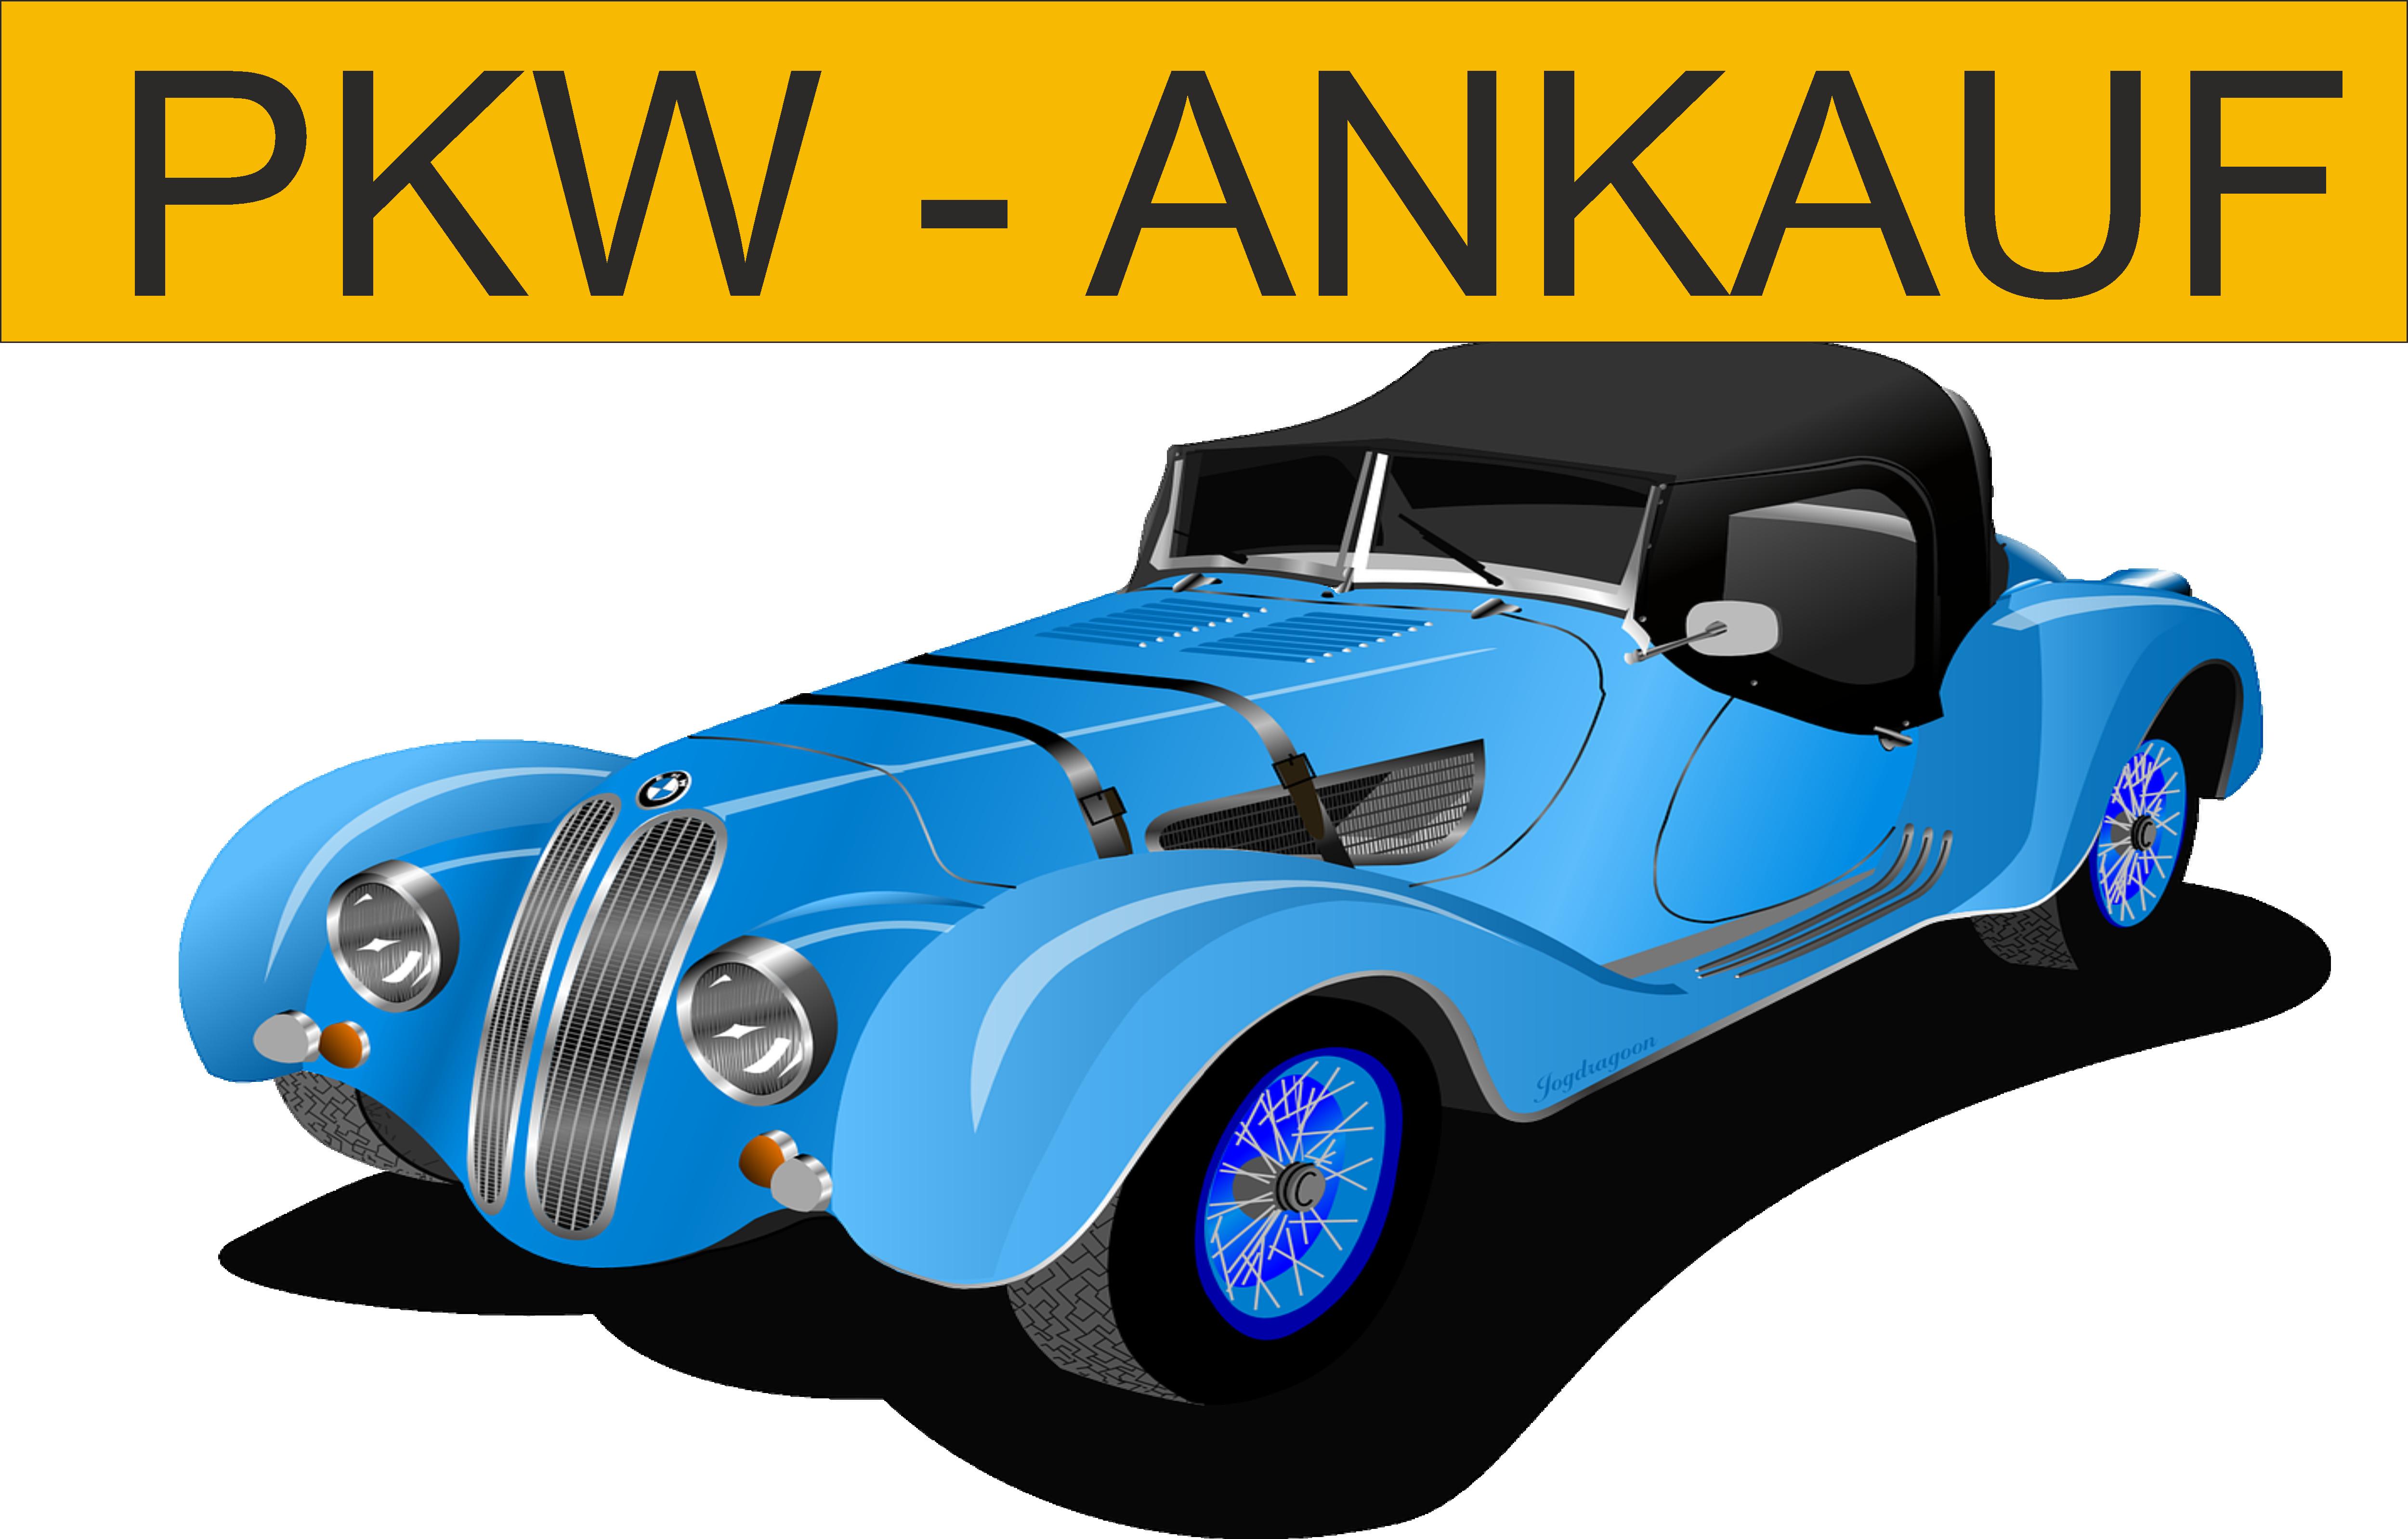 PKW Ankauf Müller